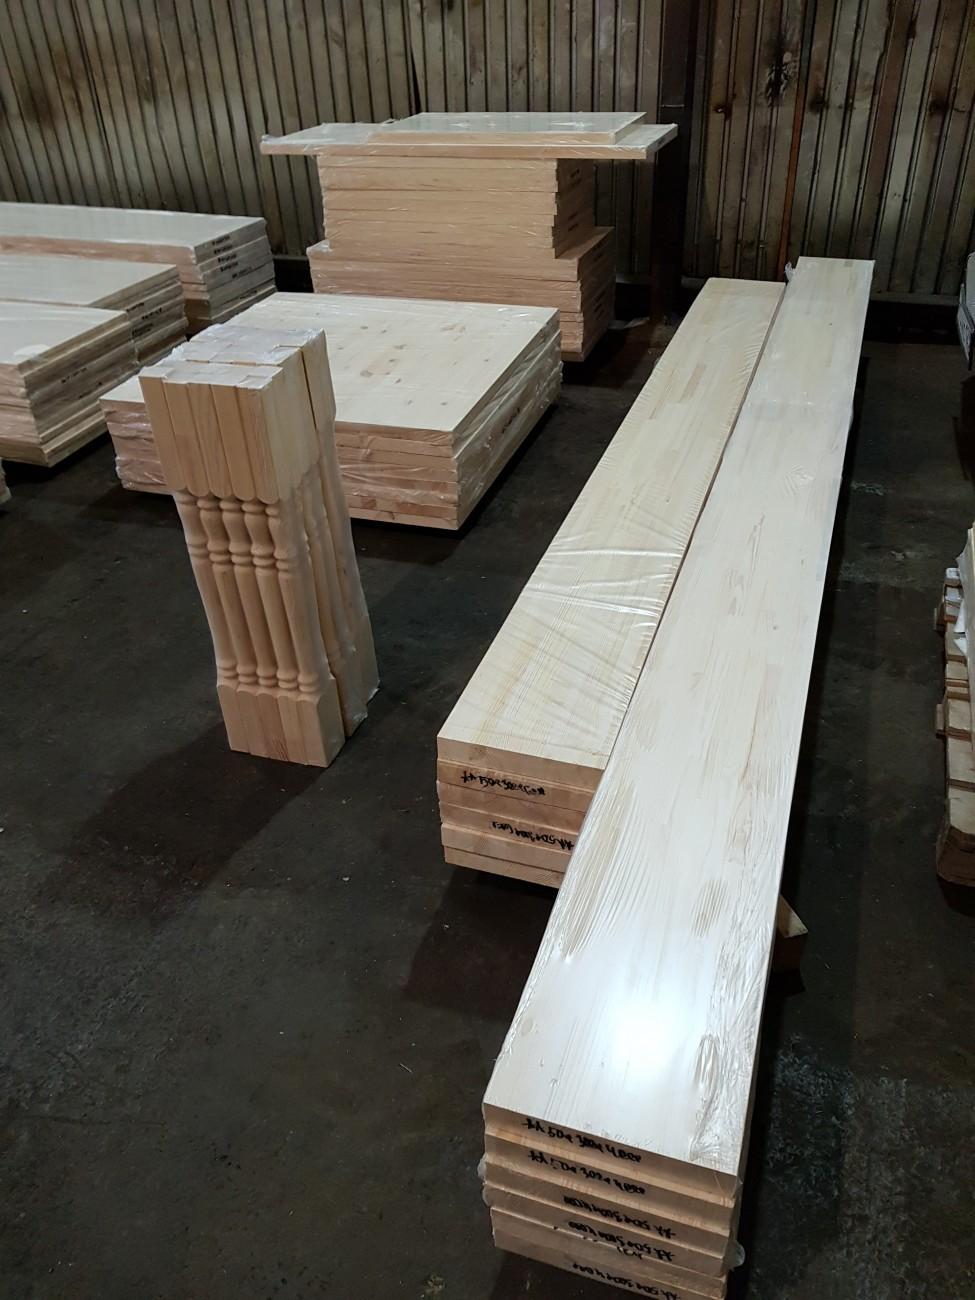 тетивы, косоуры и другие элементы деревянной лестницы